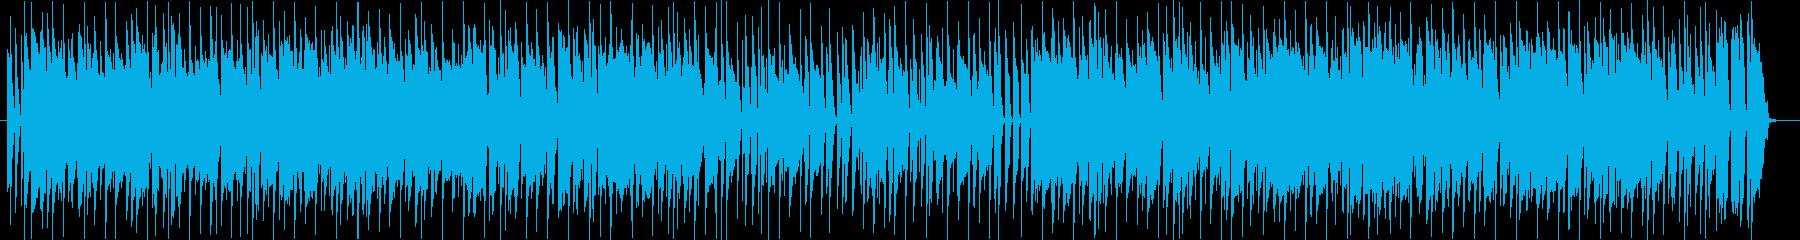 スラップベースがカッコいいDiscoの再生済みの波形